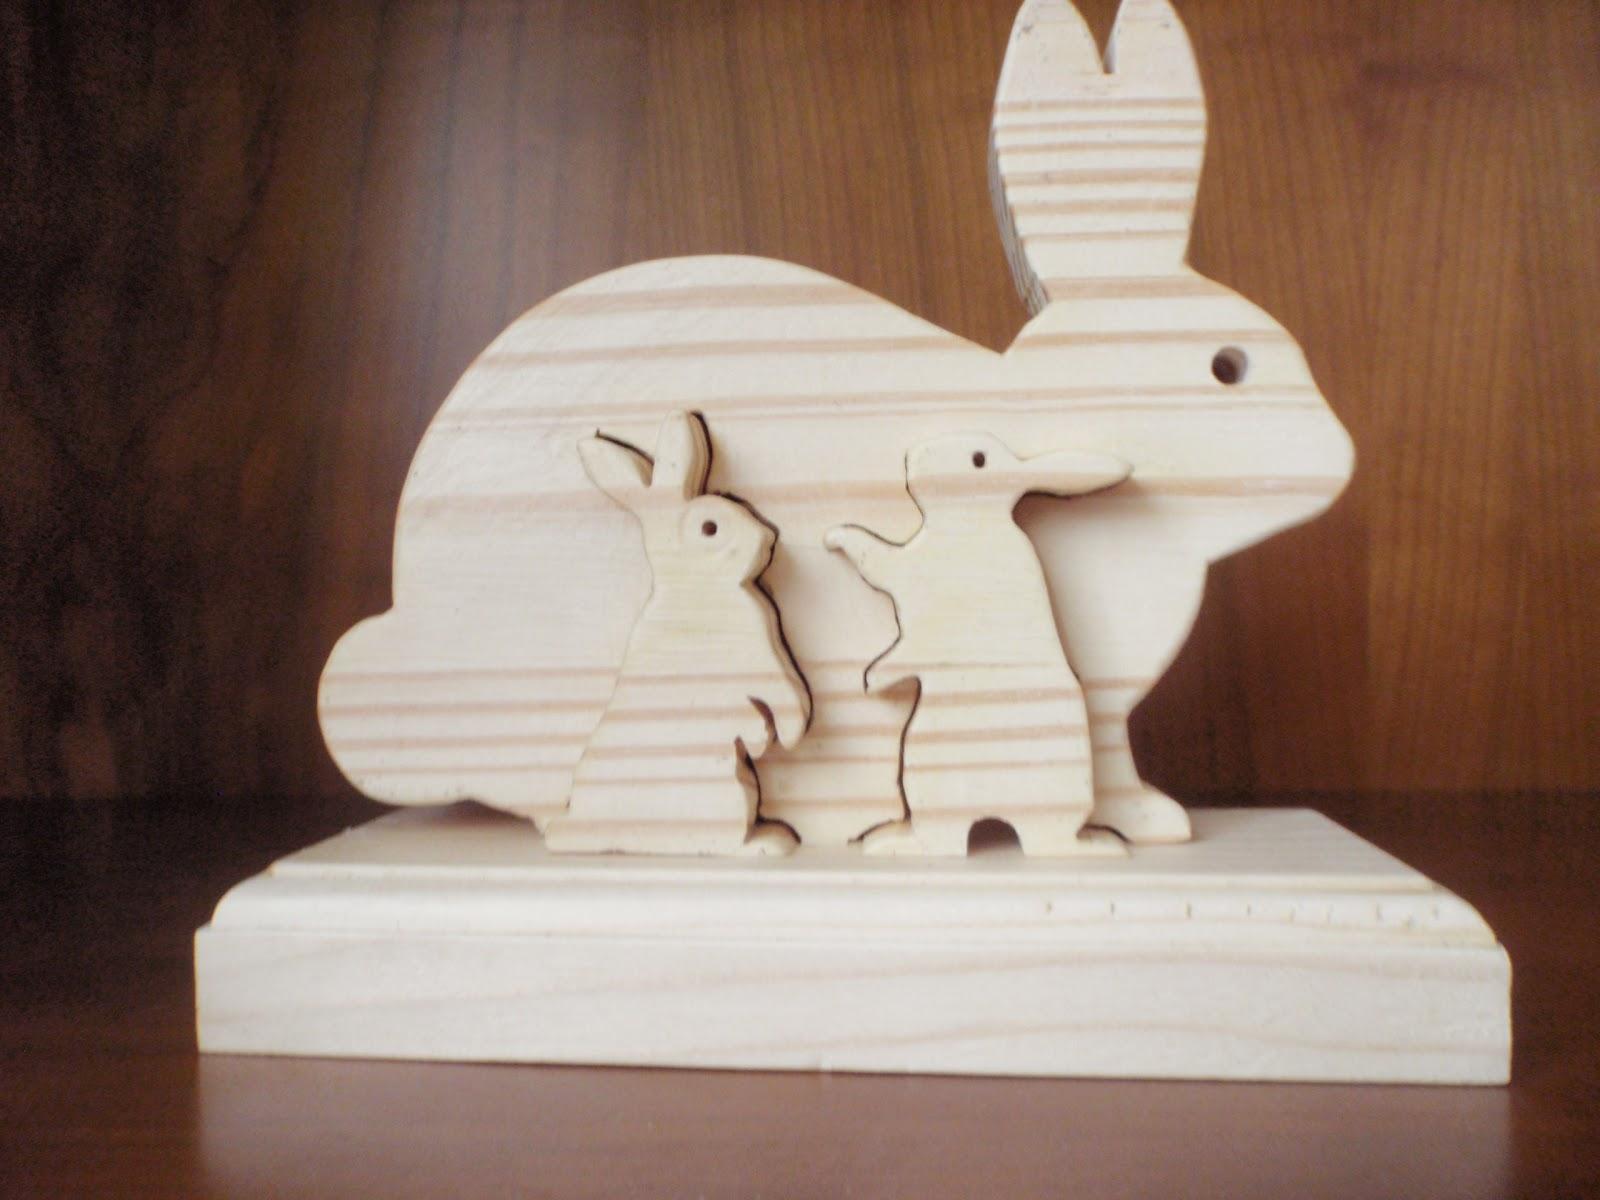 Mis trabajos en madera puzzle de conejitos - Madera para marqueteria ...